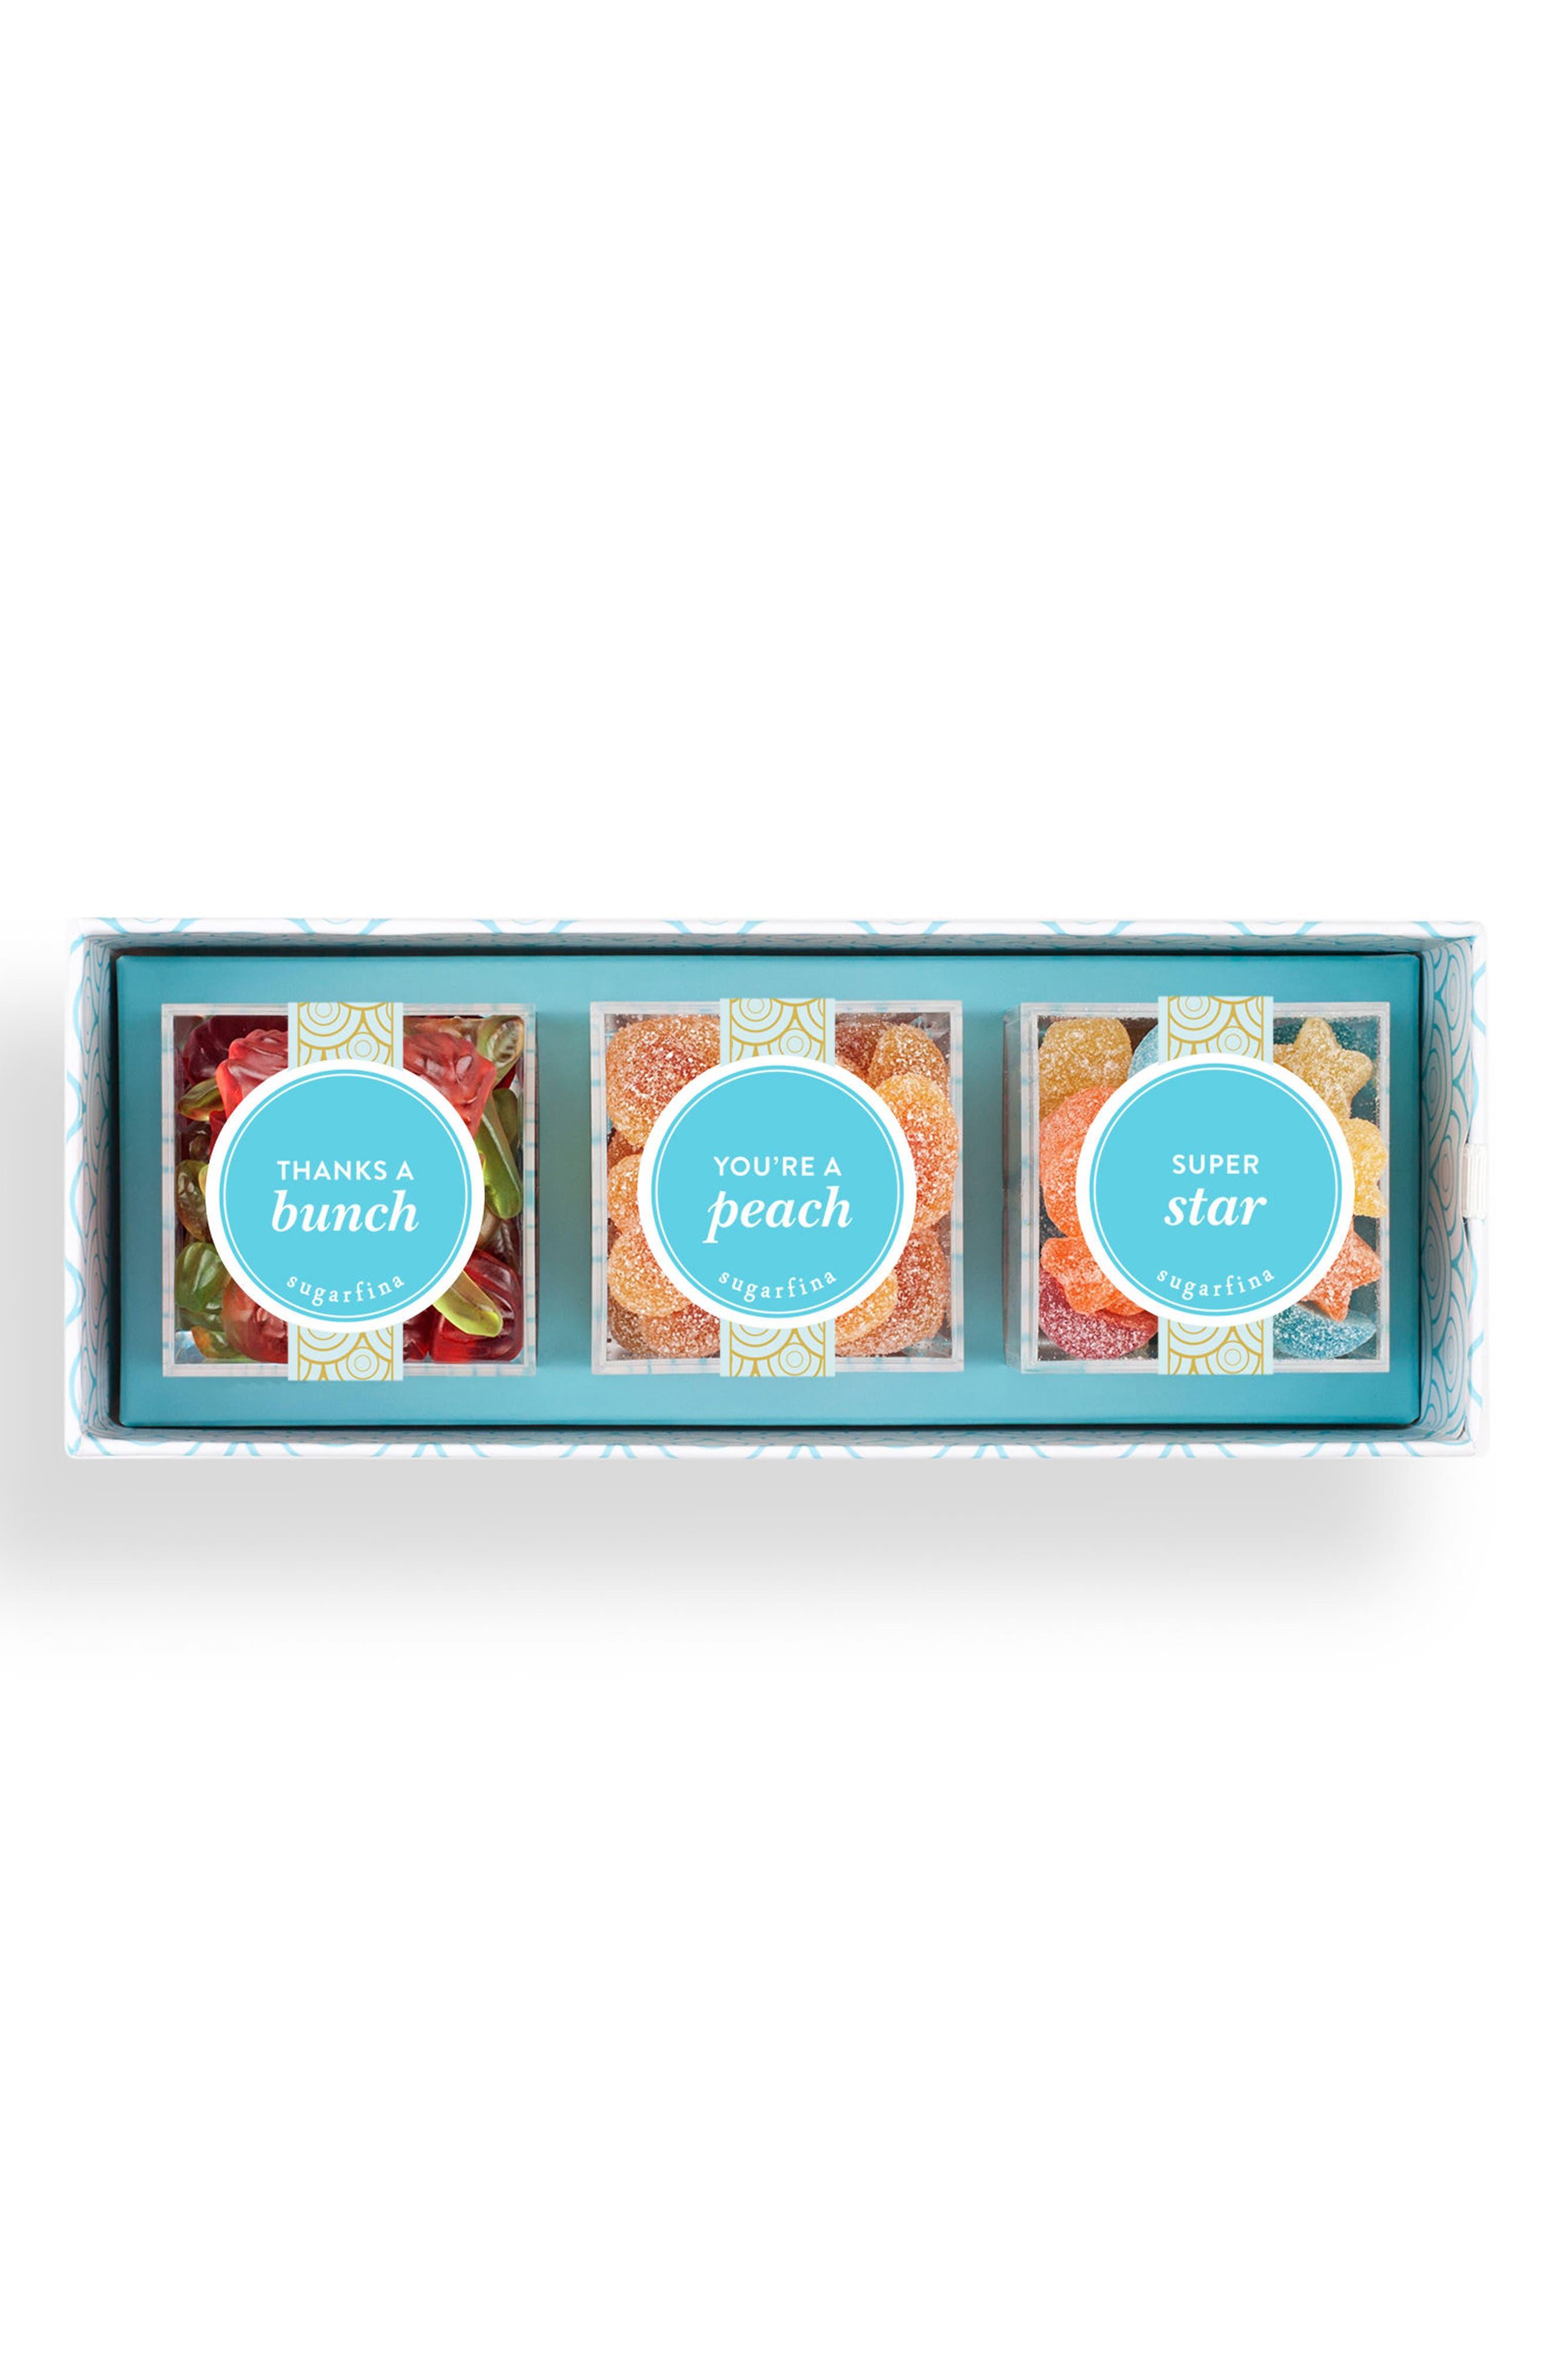 Thank You 3-Piece Candy Bento Box,                             Main thumbnail 1, color,                             700